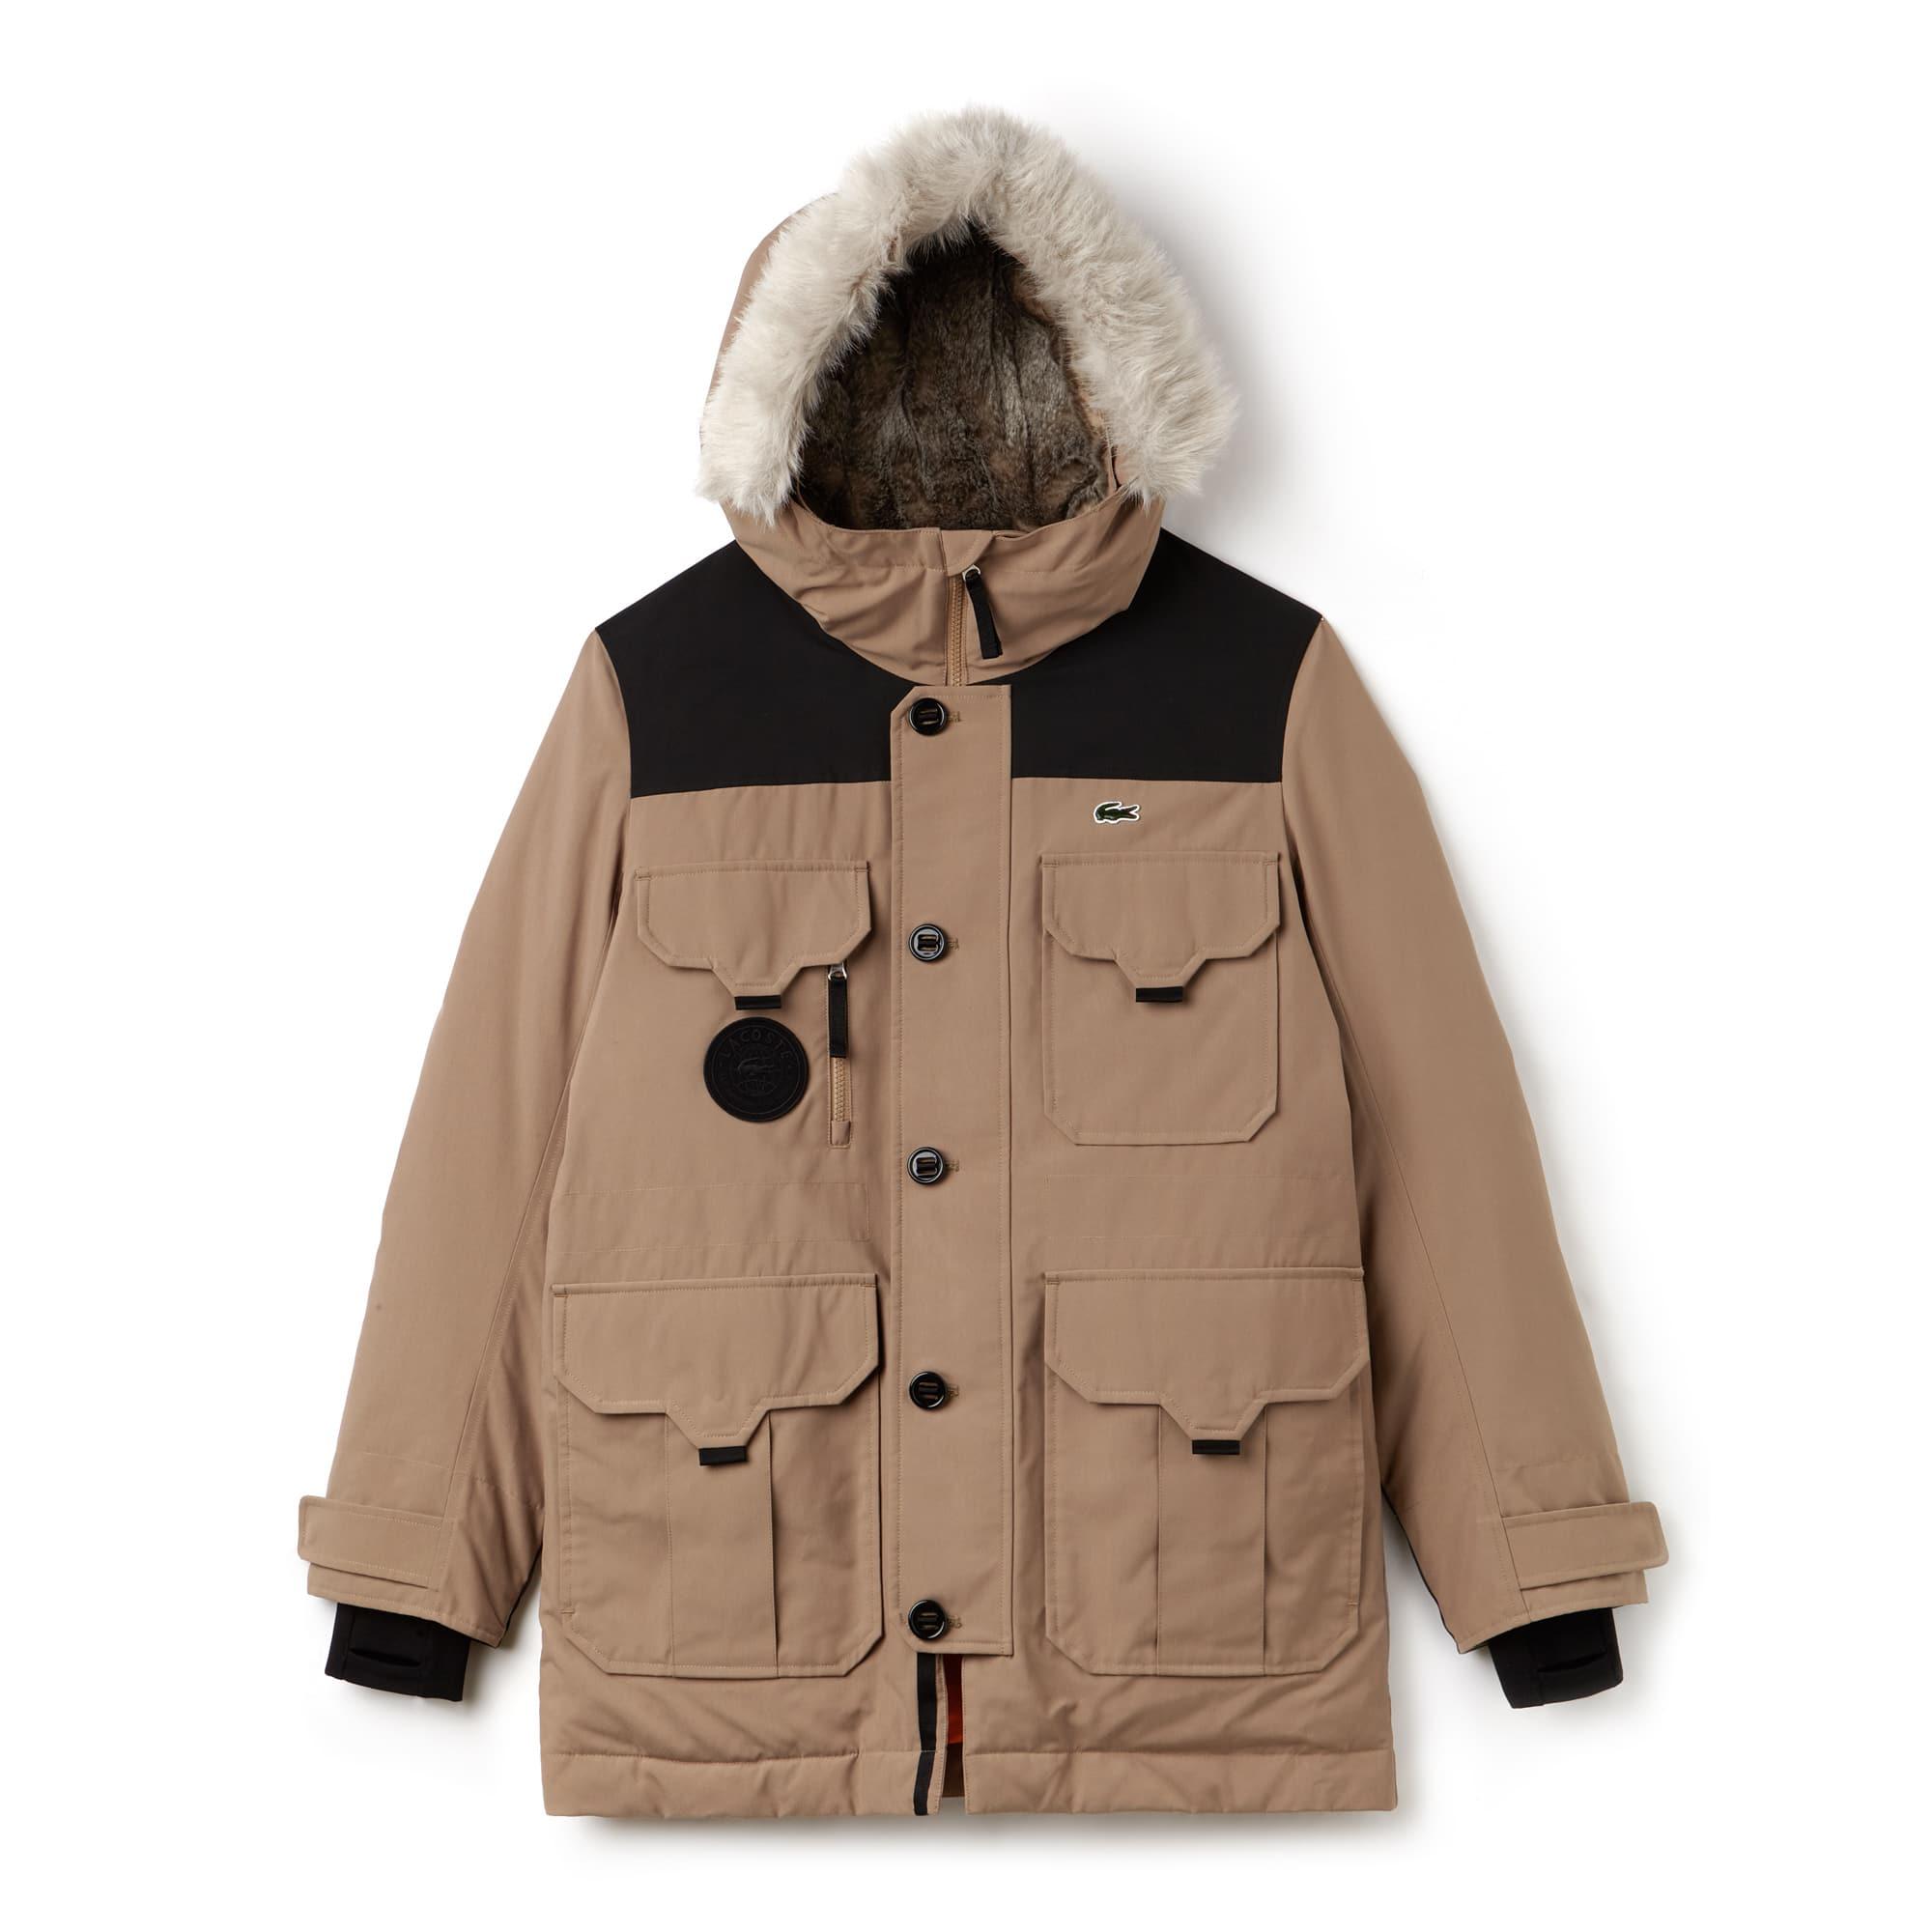 Lacoste LIVE中性版防水帆布绗缝防风夹克